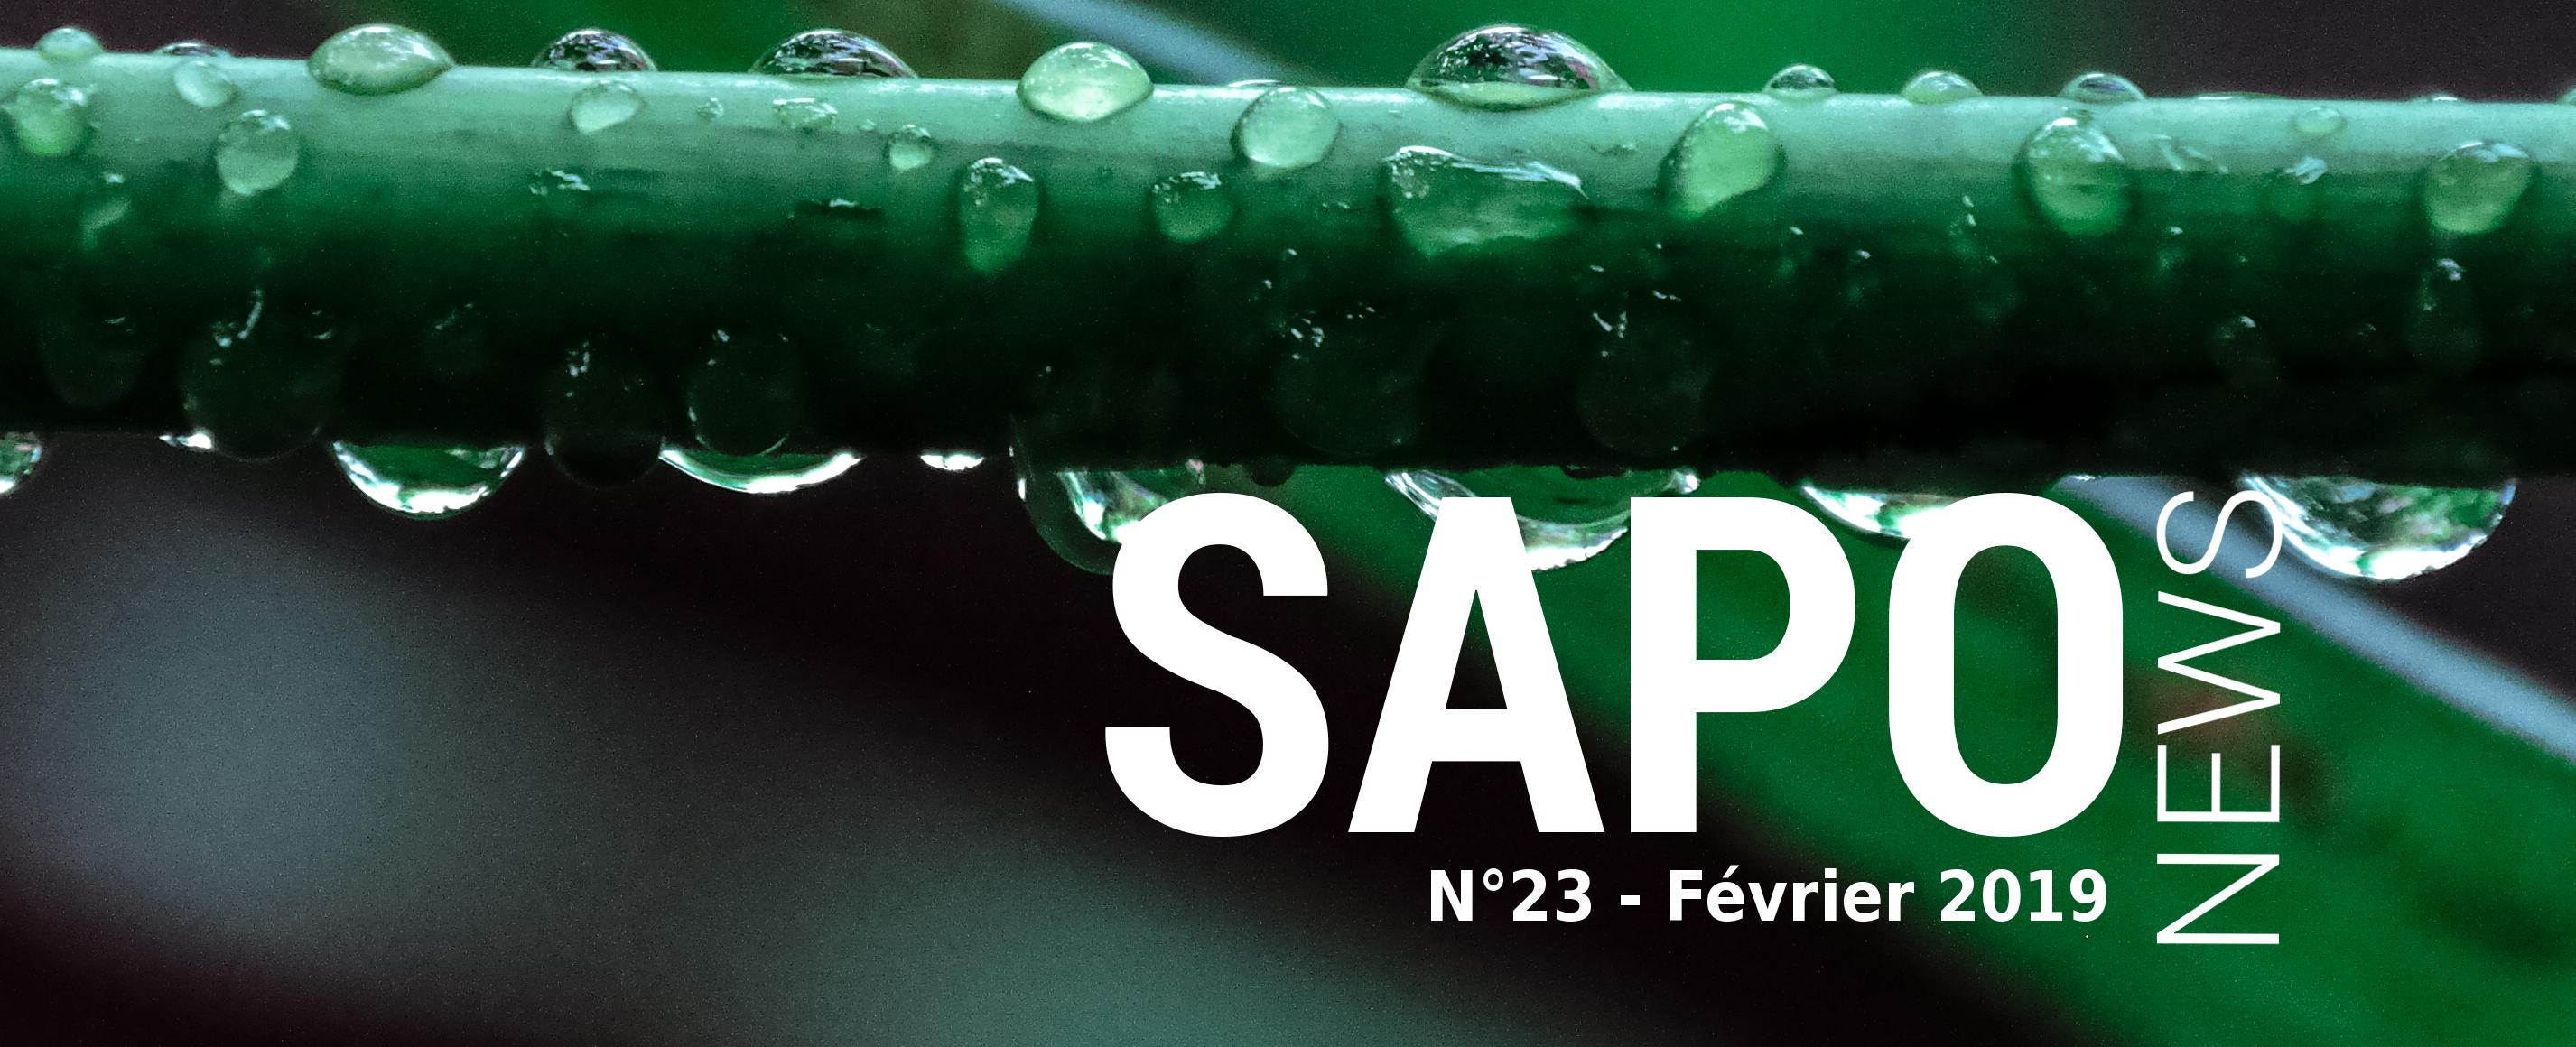 SAPONEWS 23